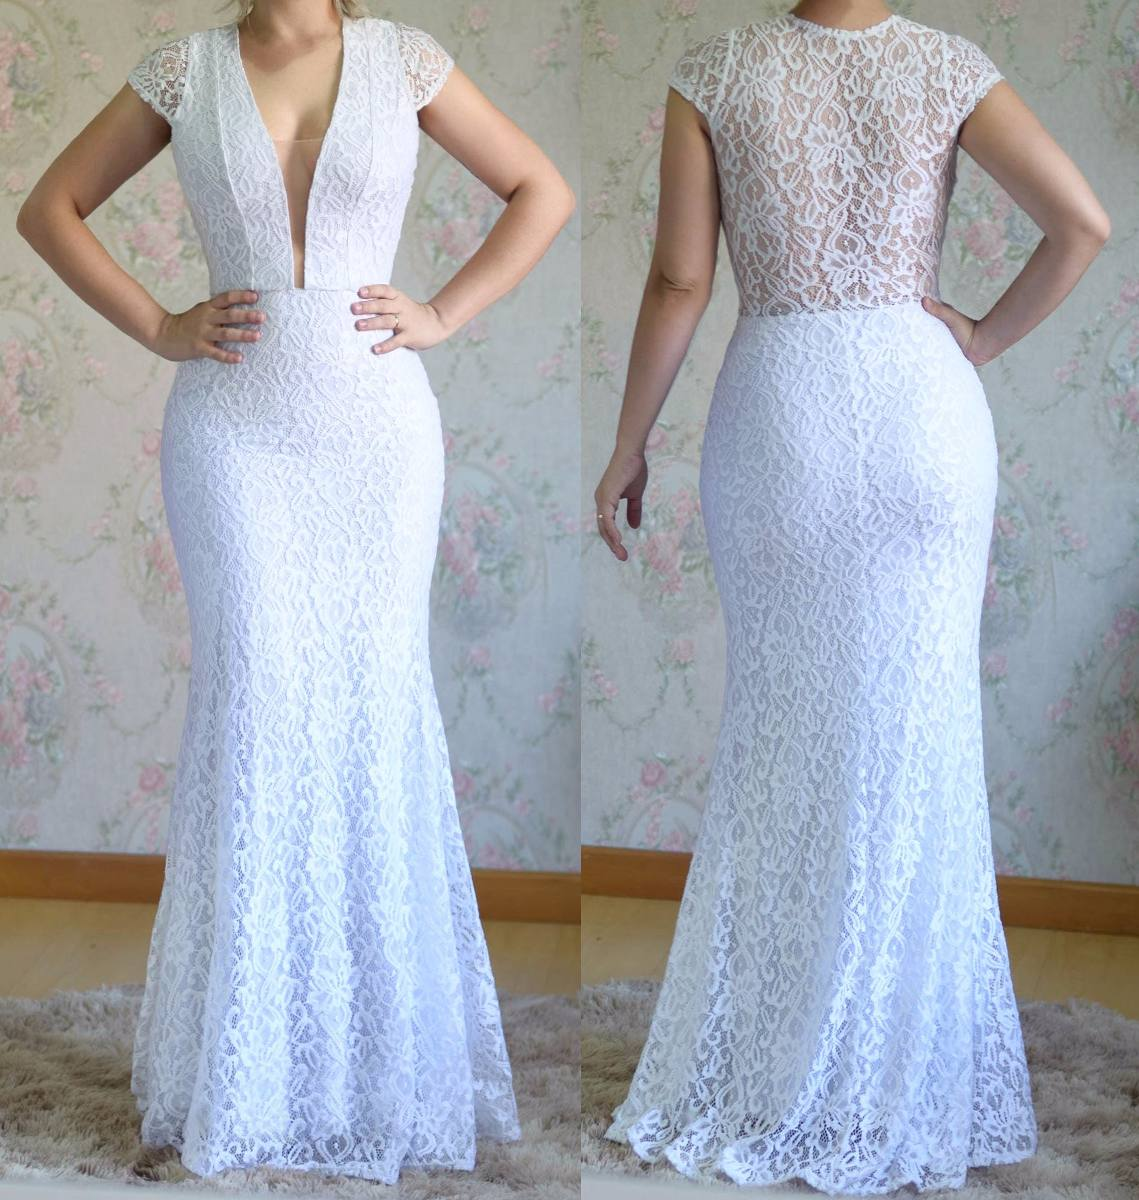 Vestido Longo Noiva Branco Em Renda 045